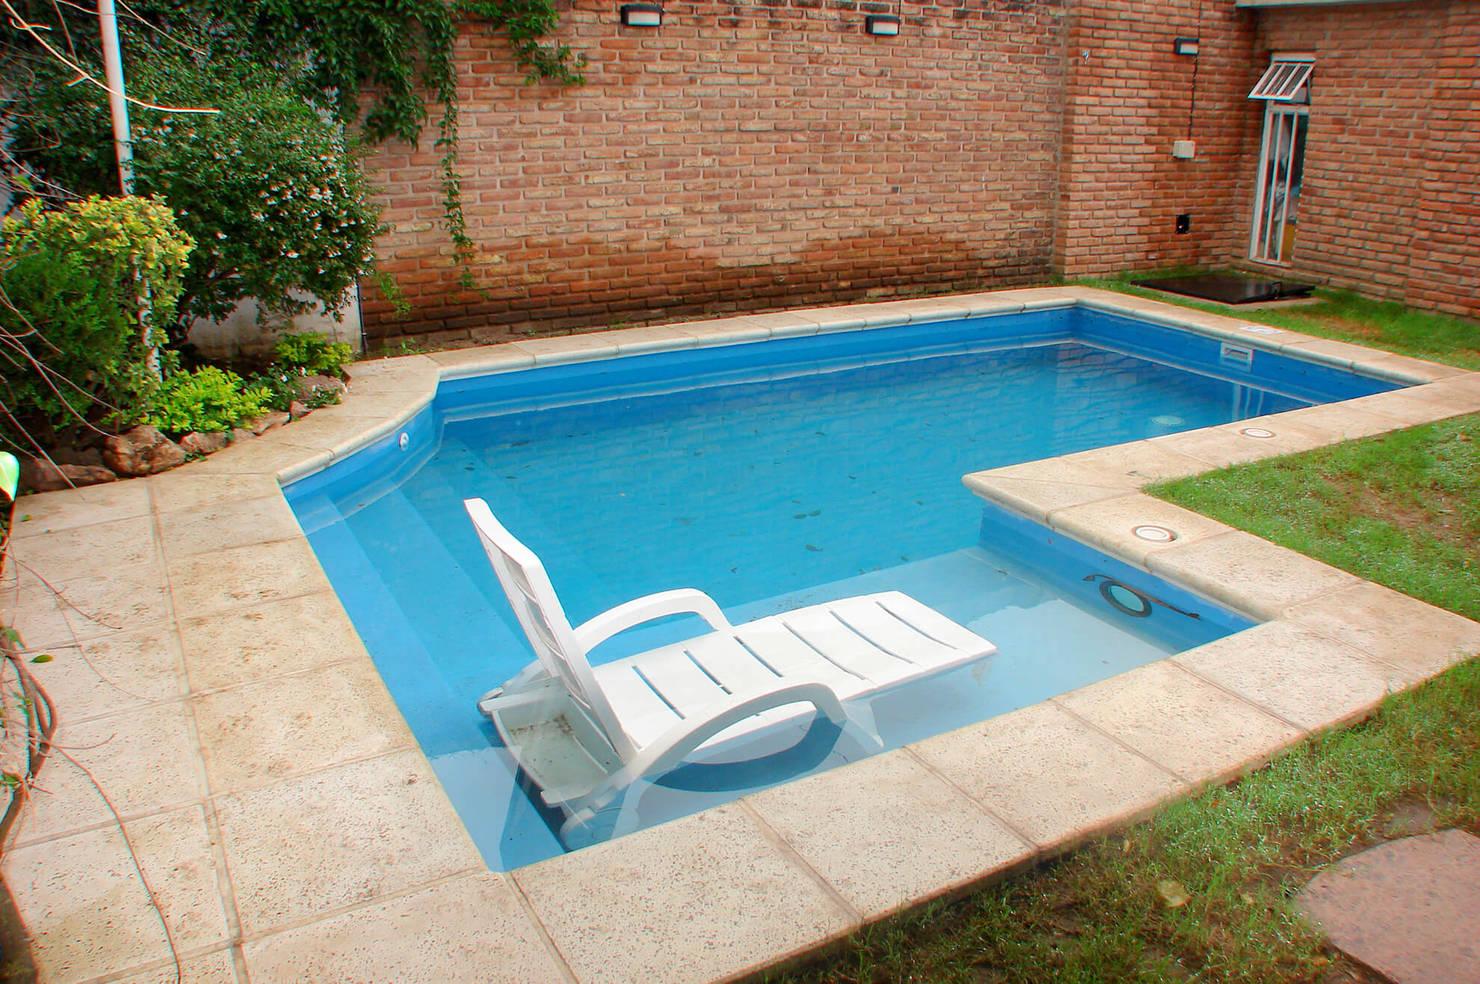 6 piscinas pequeñas que caben en cualquier jardincito